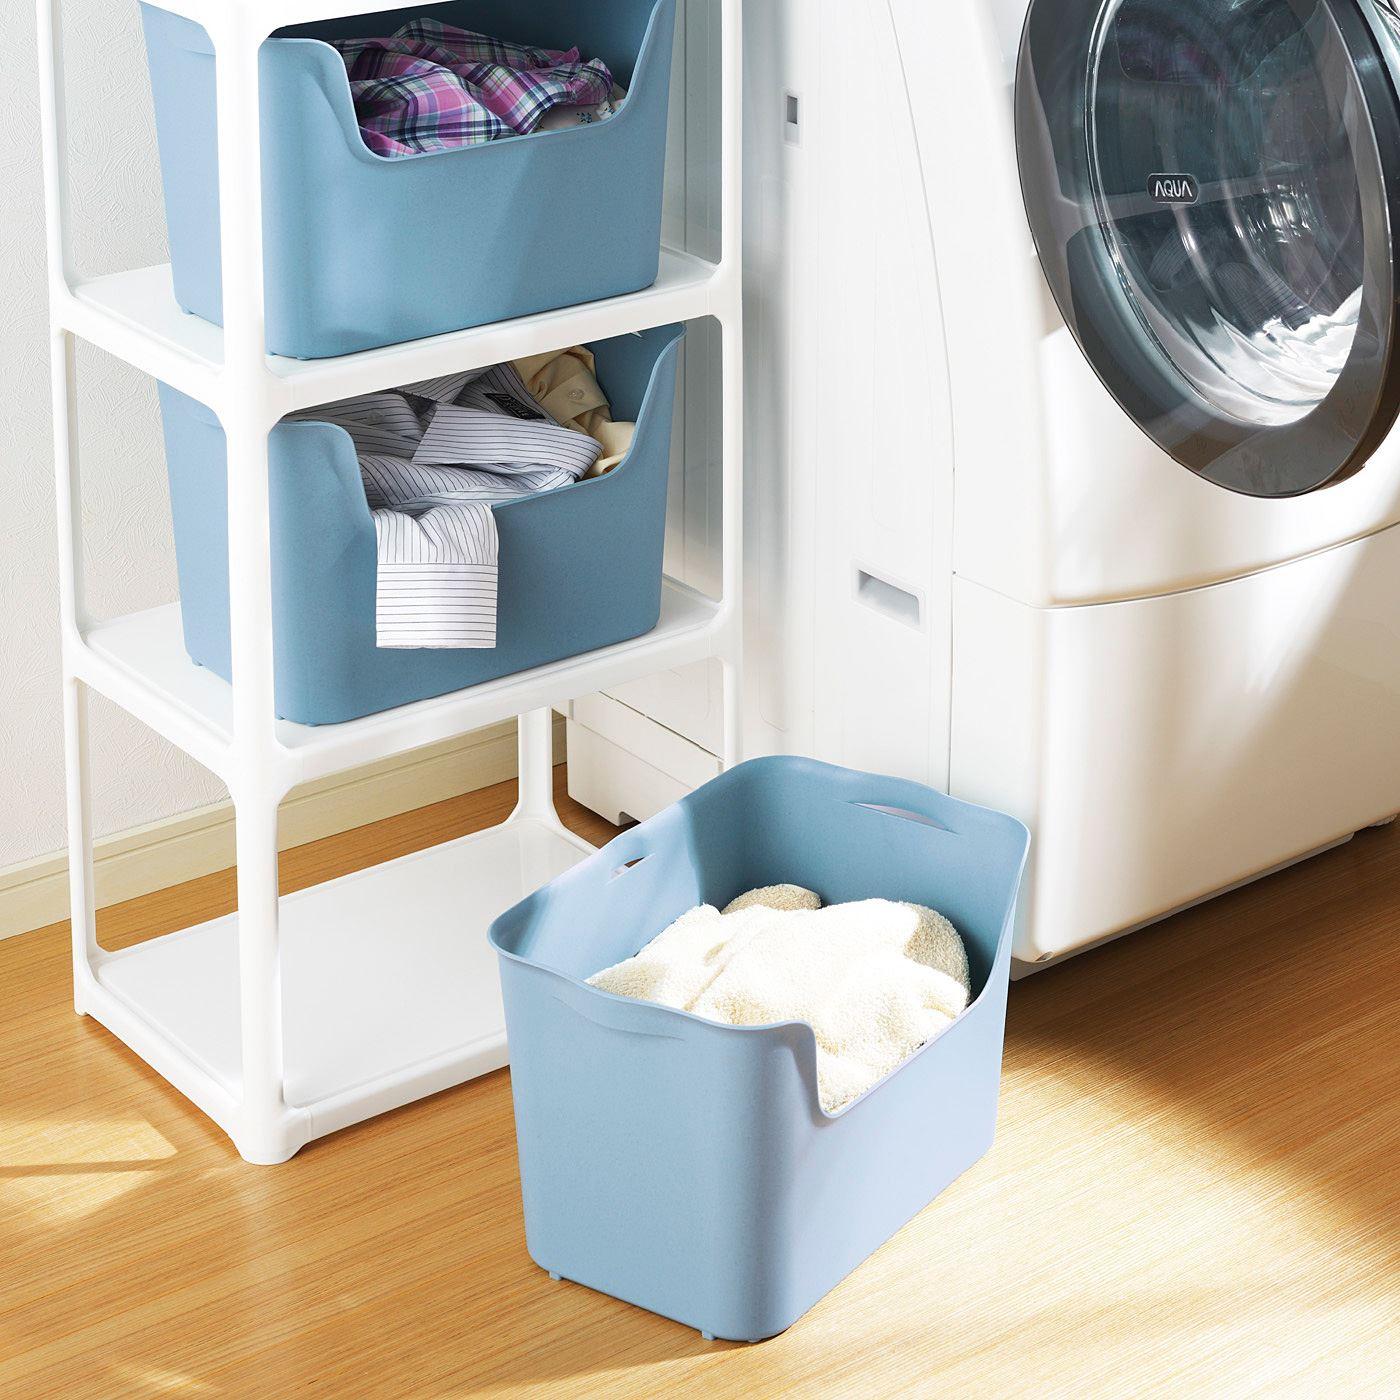 洗濯物の仕分けや、バスタオルやせっけん、入浴剤などの収納に。